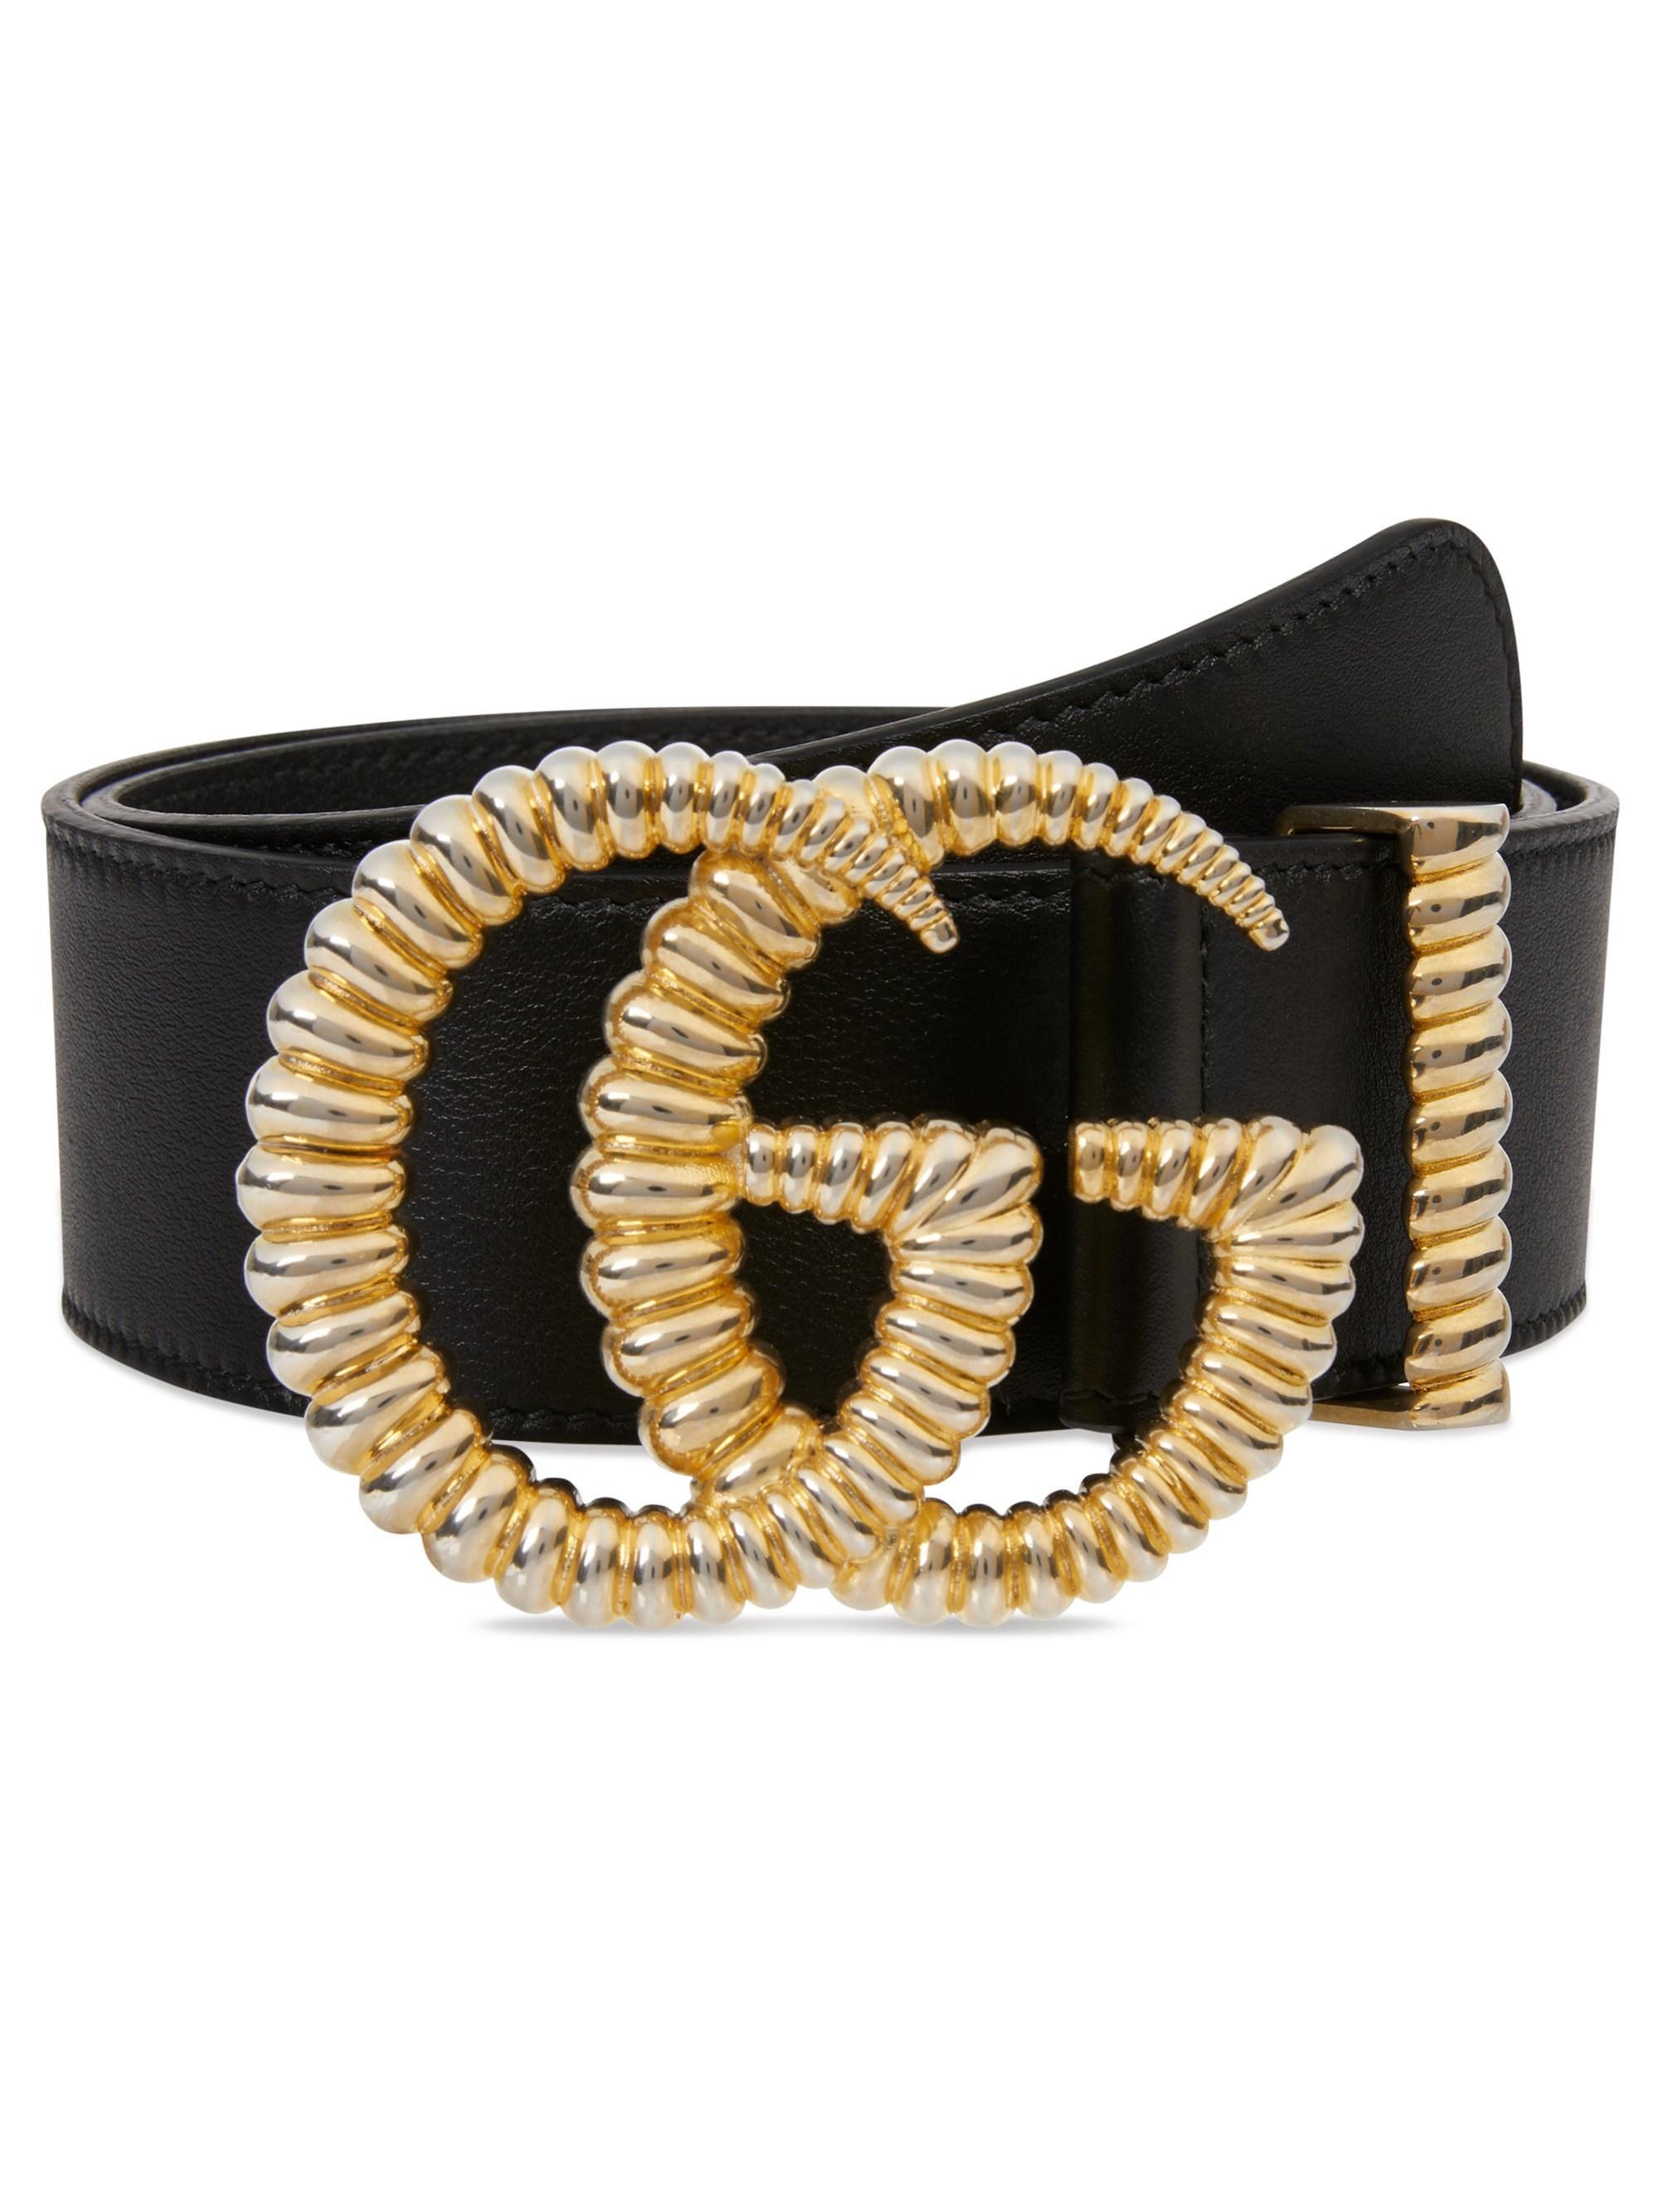 d31674dfee59 Gucci Women's GG Leather Logo Belt - Black in Black - Lyst